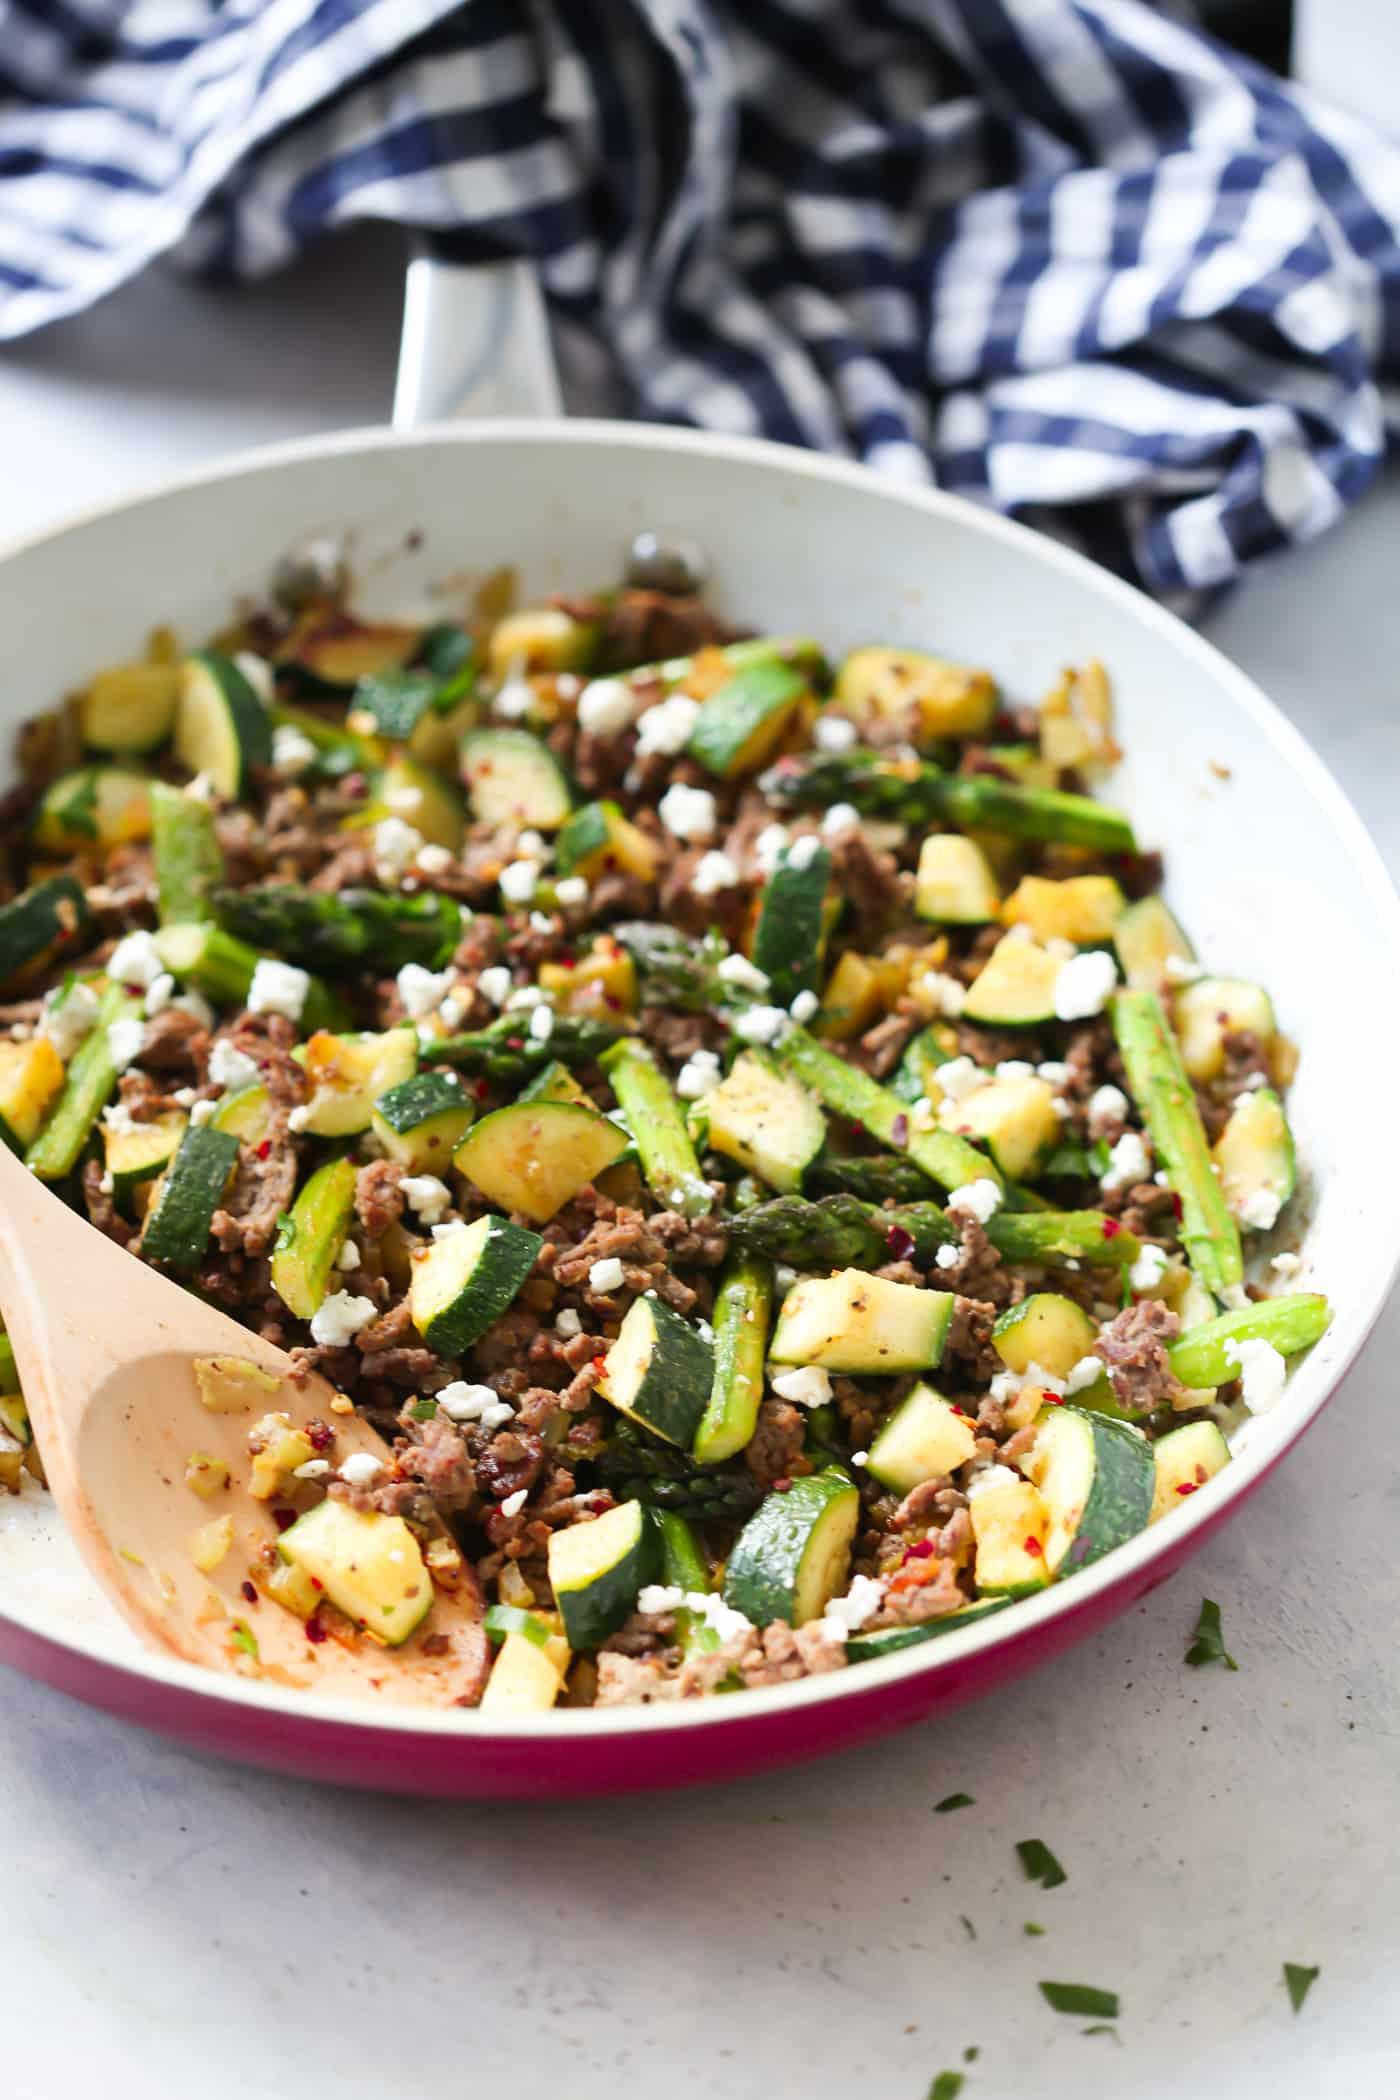 Healthy Recipe With Ground Beef  Ground Beef Veggie Skillet Recipe Primavera Kitchen